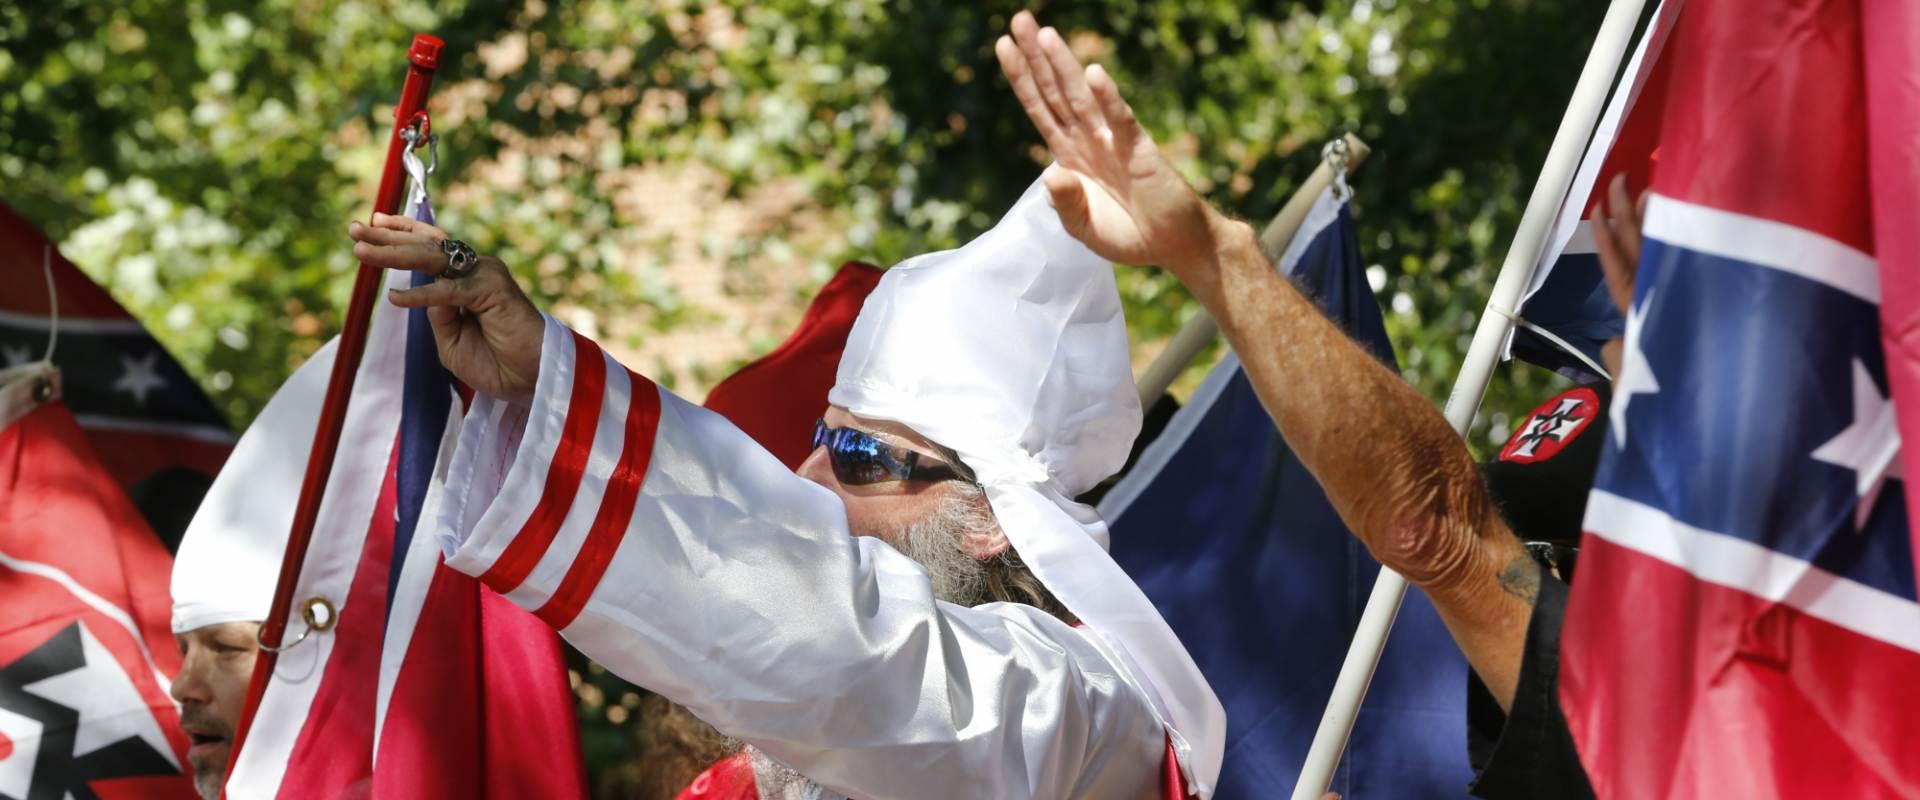 המפגינים מהימין הקיצוני בווירג'יניה